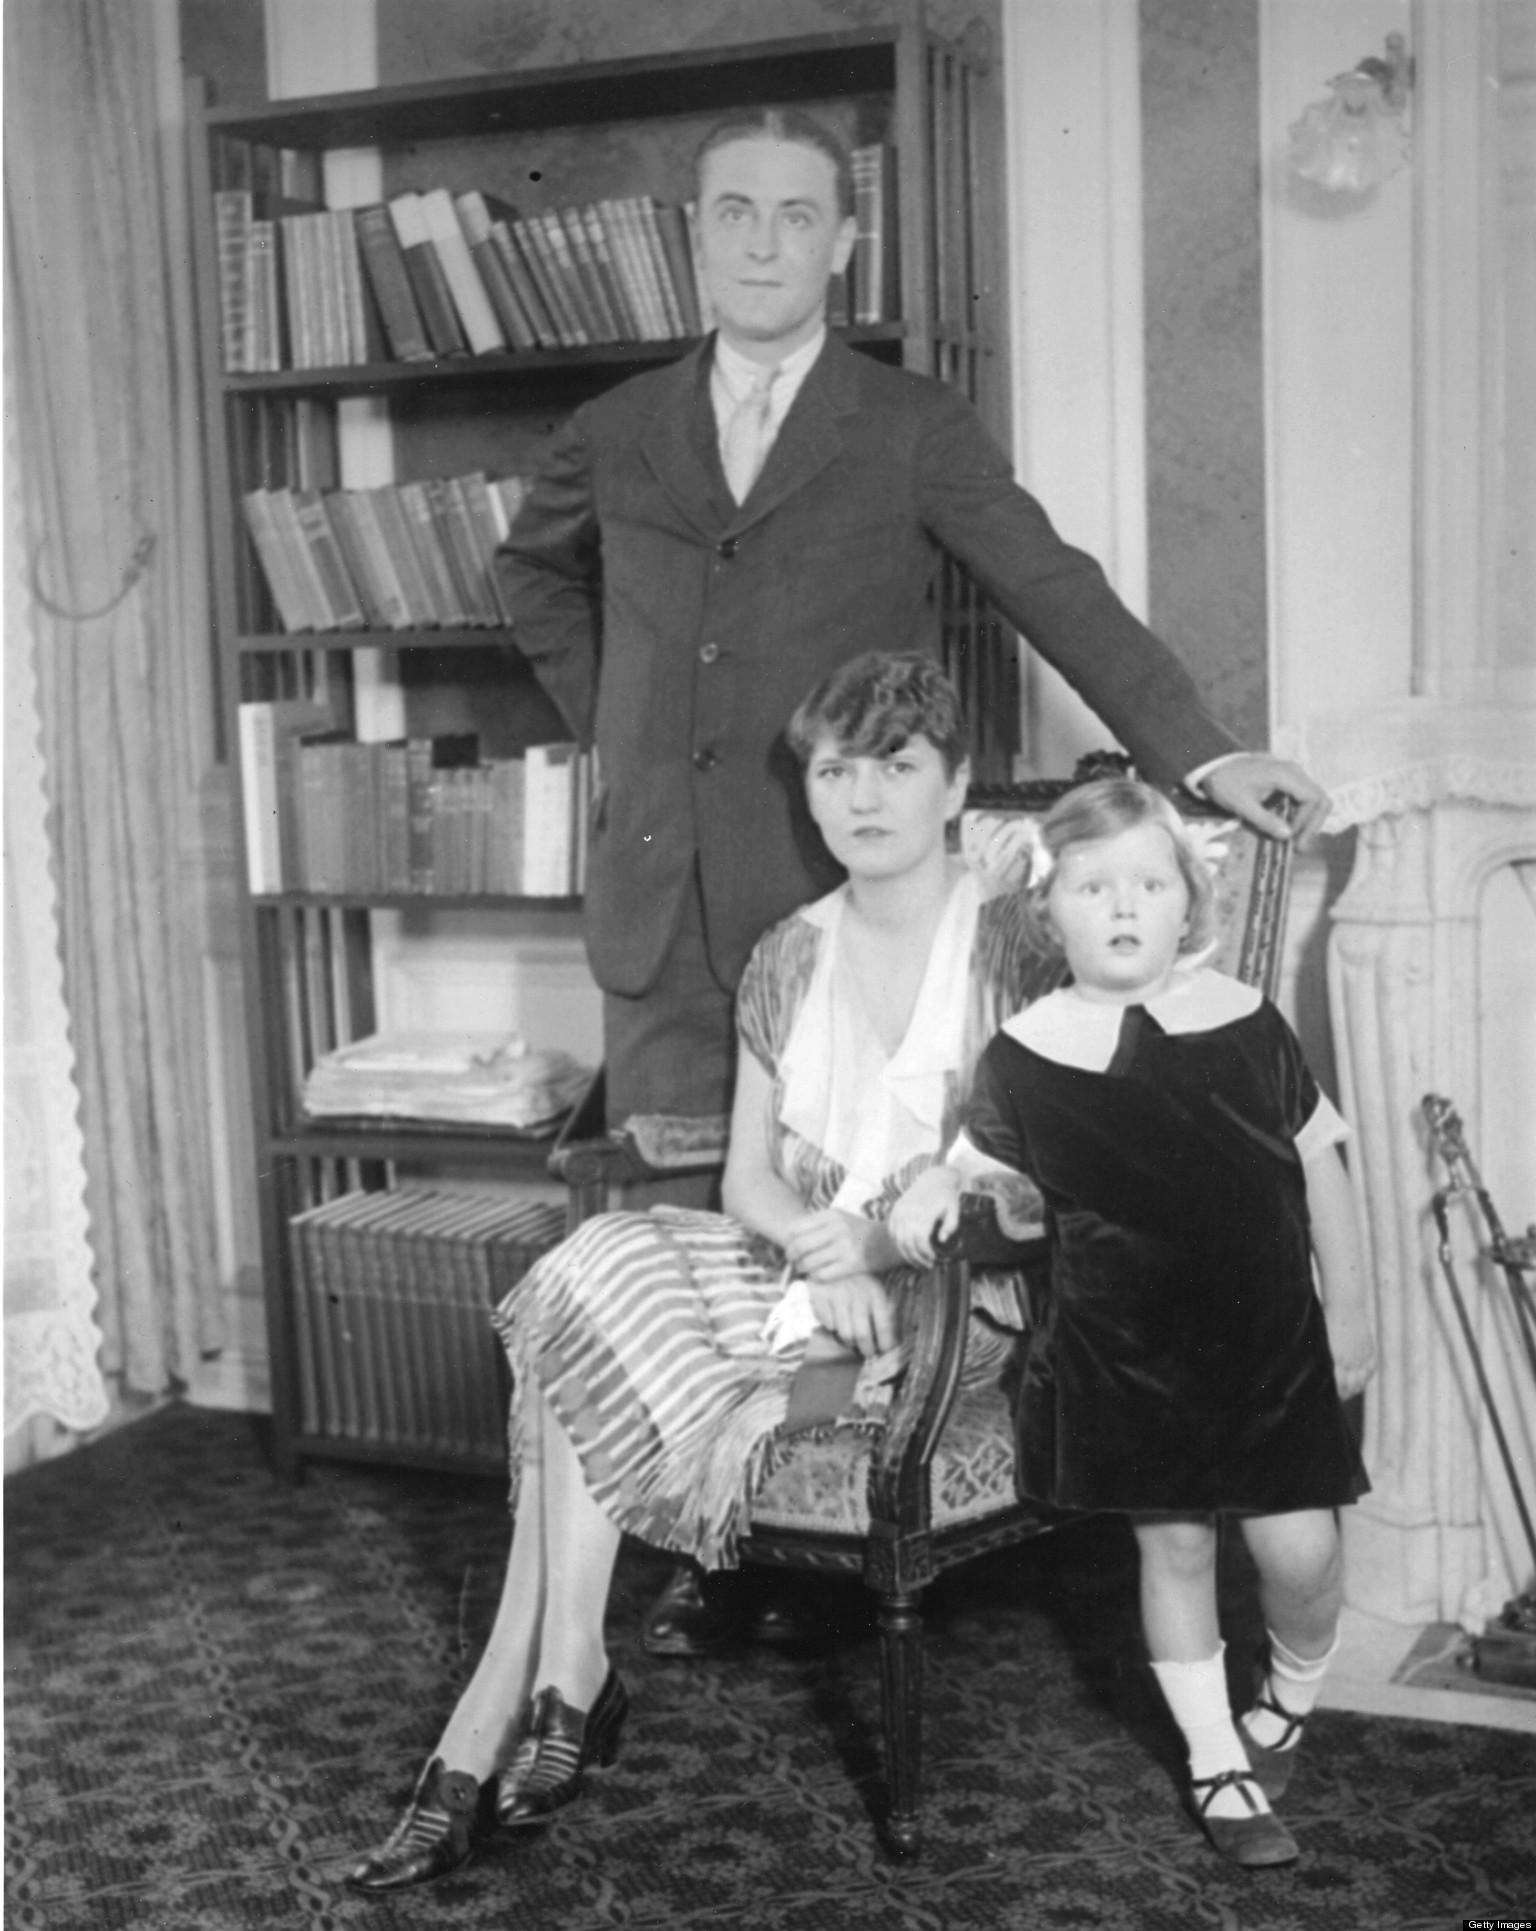 F Scott Fitzgerald Daughter Didn t Know About F  Scott